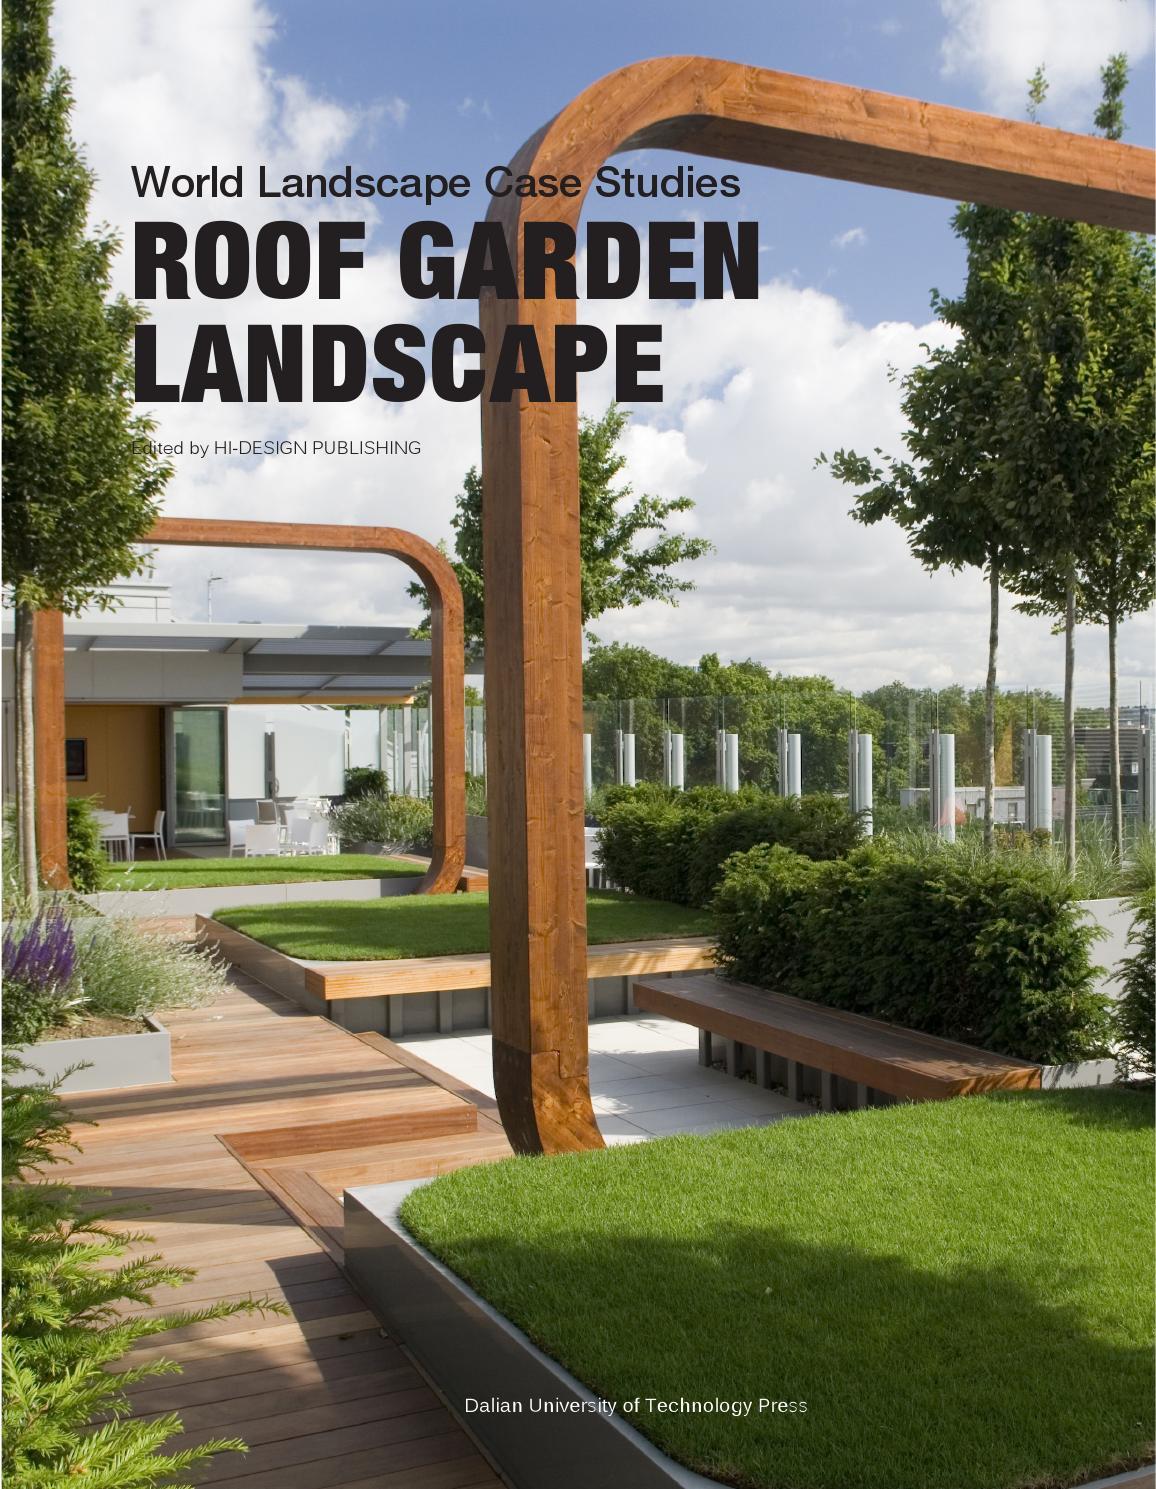 Roof Garden Landscape World Landscape Case Studies By Hi